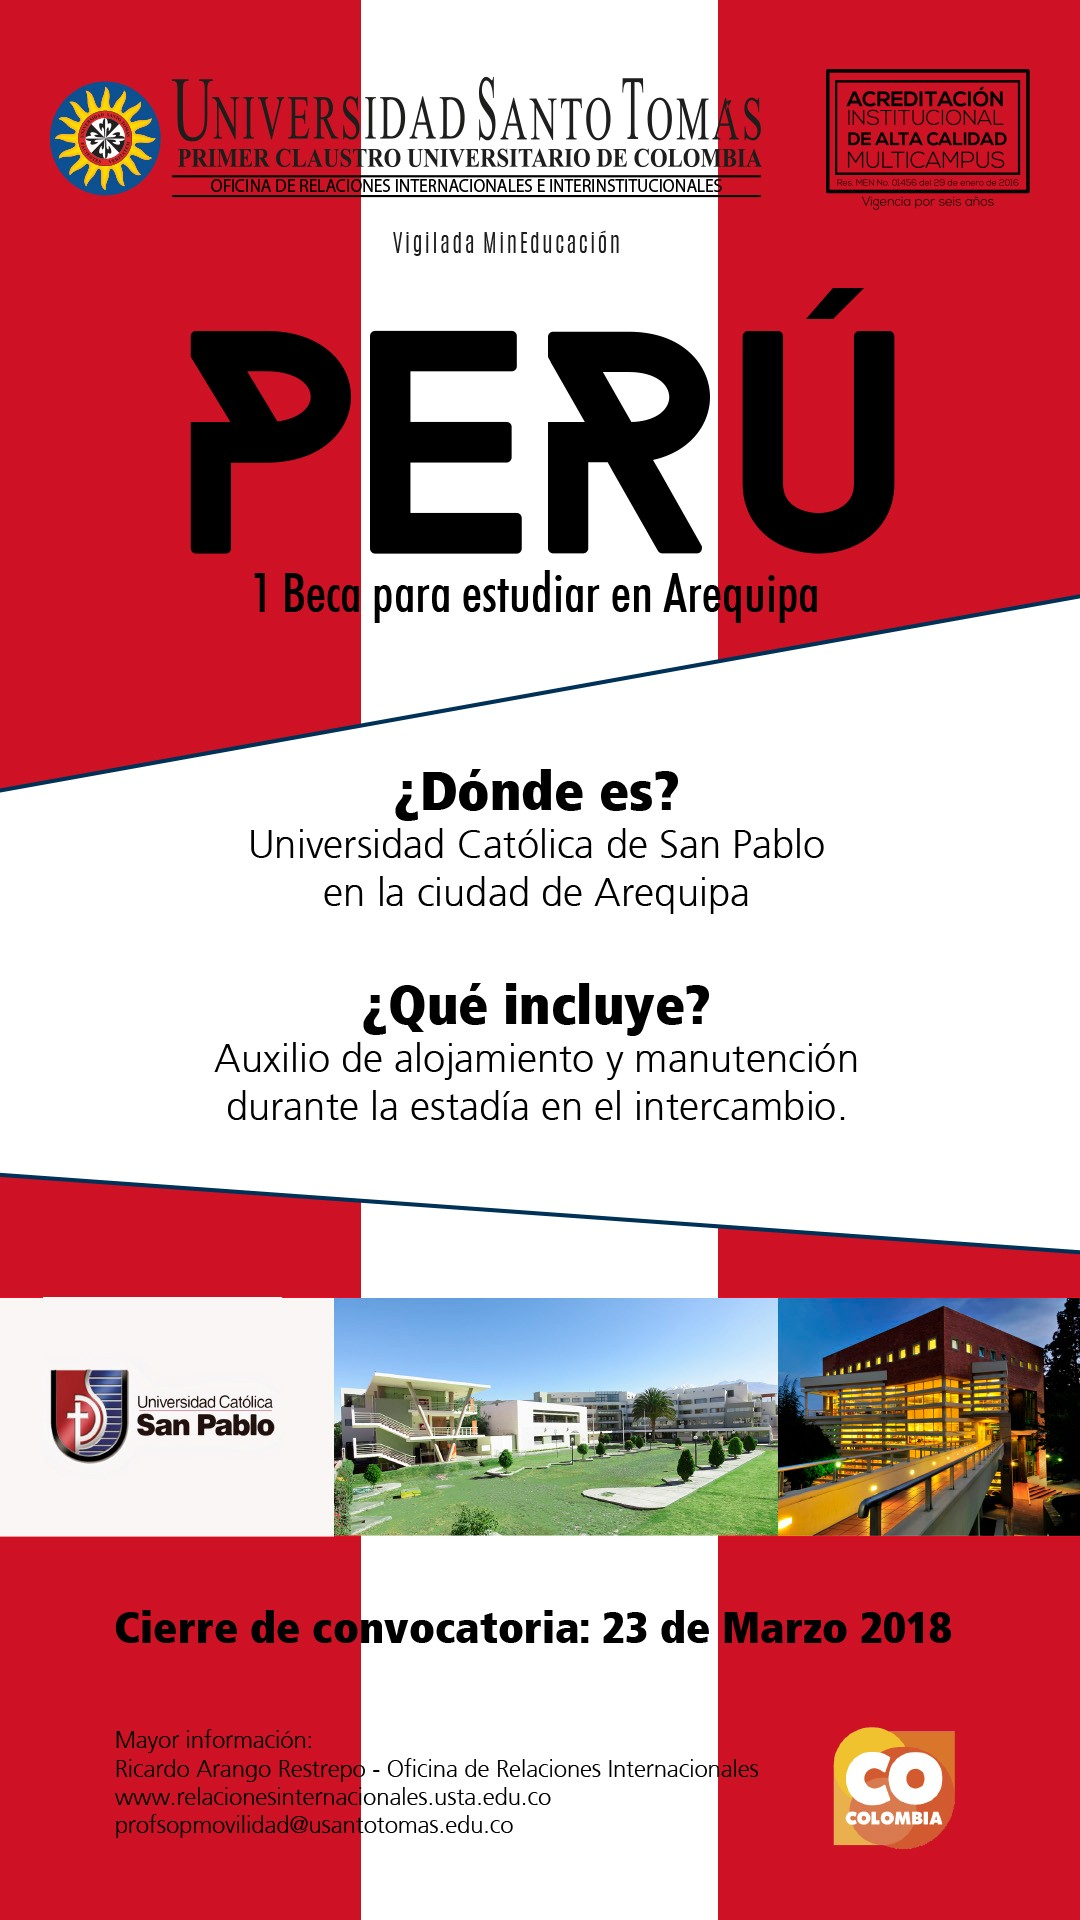 1 Verifica la oferta académica de la Universidad Cat³lica de San